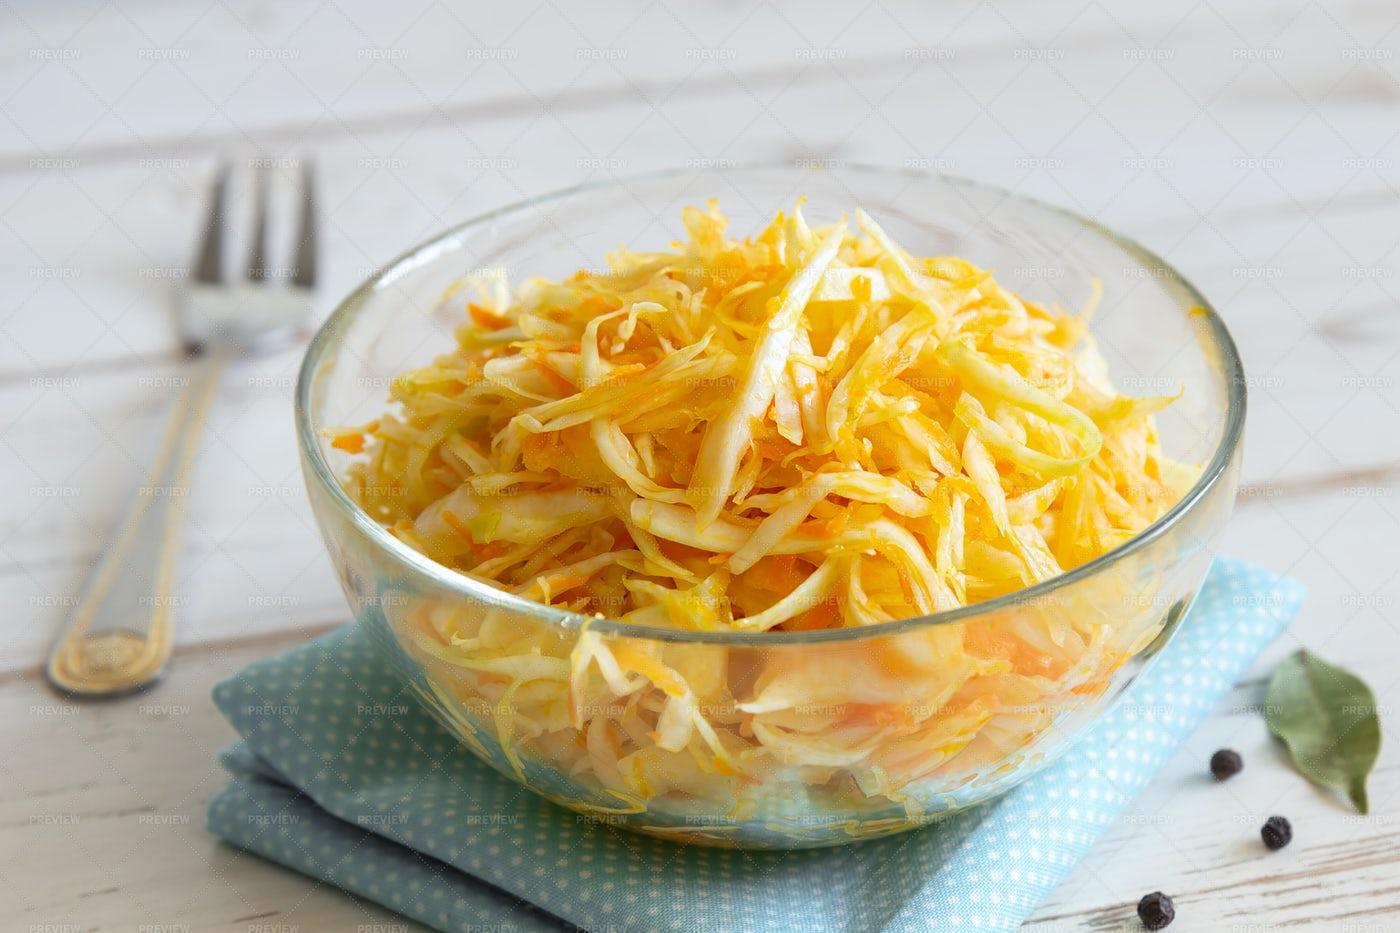 Sauerkraut And Carrots: Stock Photos